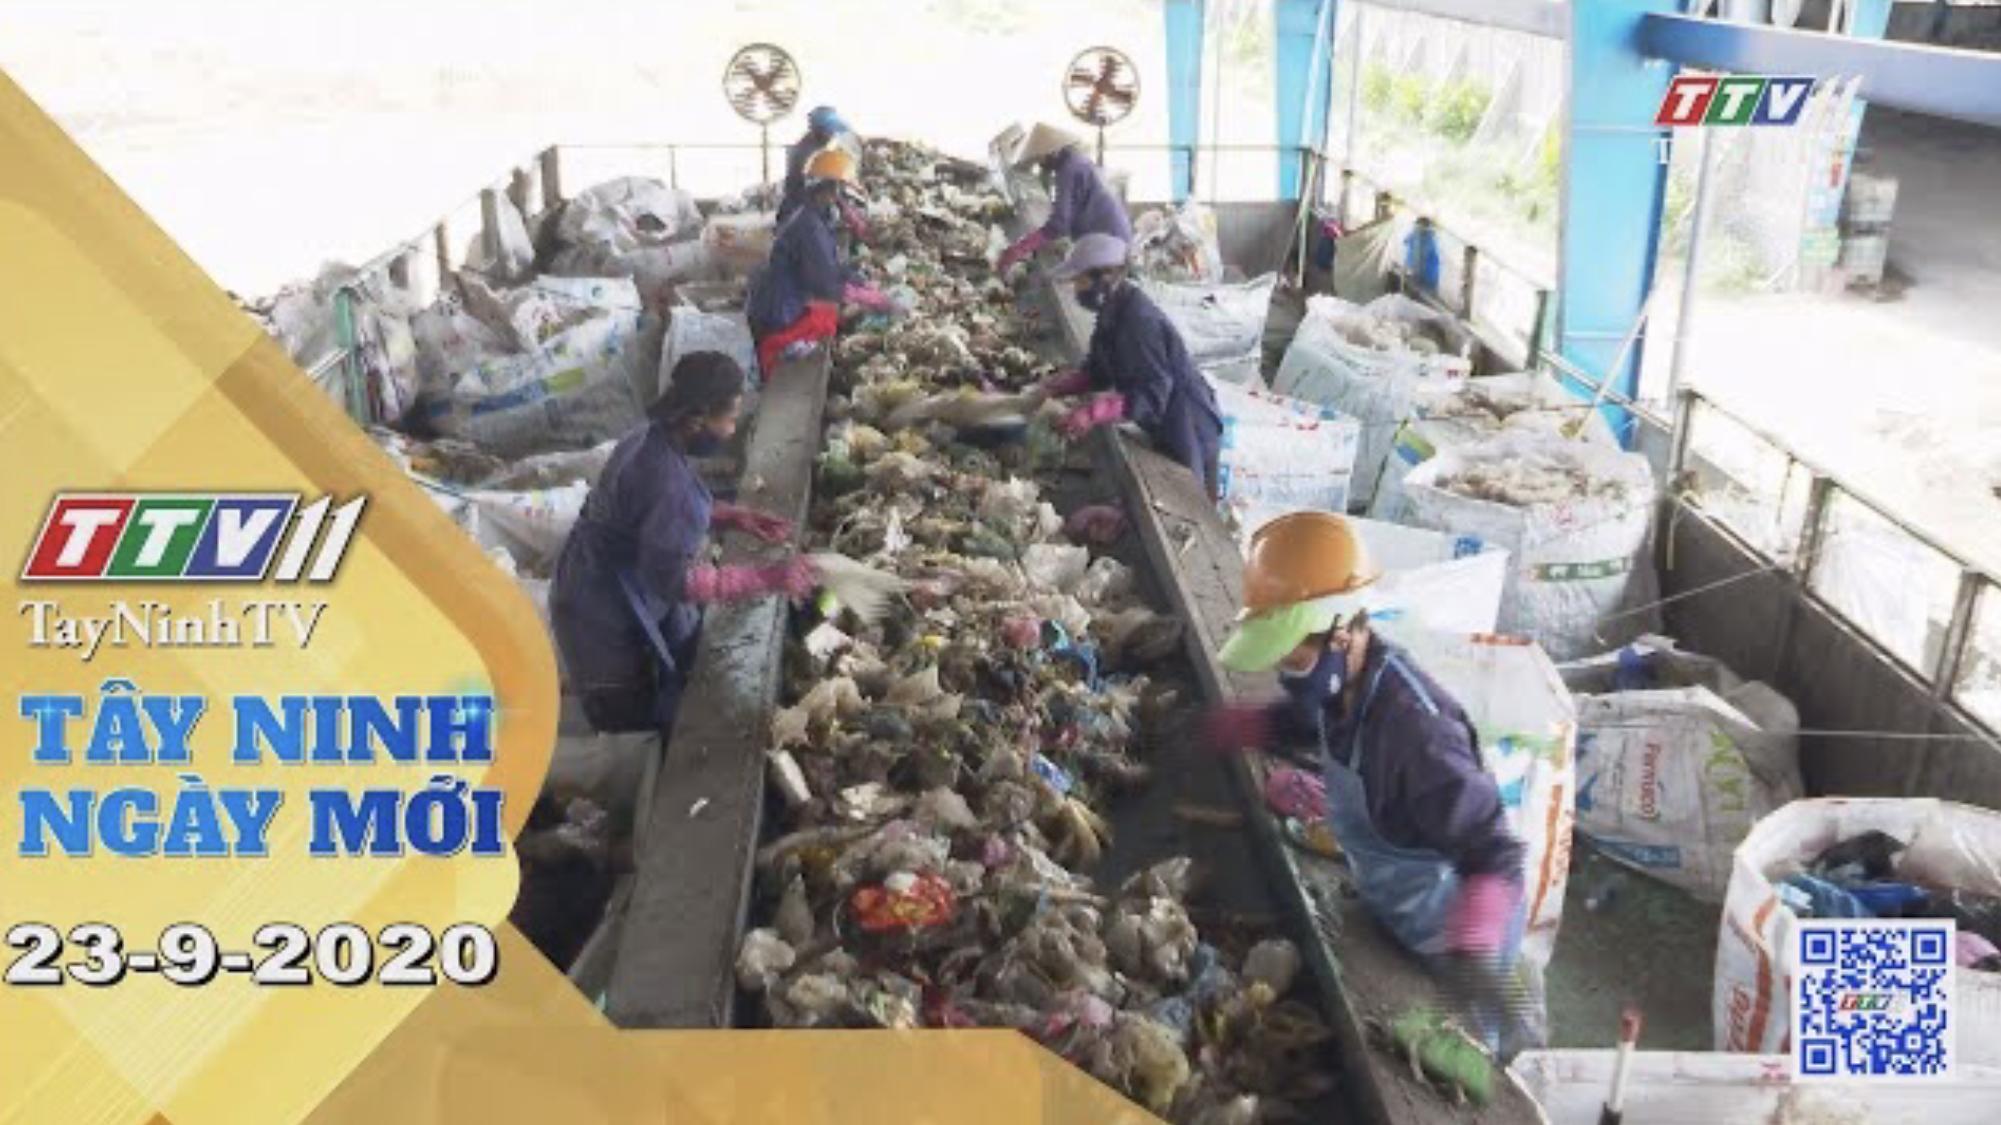 Tây Ninh Ngày Mới 23-9-2020 | Tin tức hôm nay | TayNinhTV